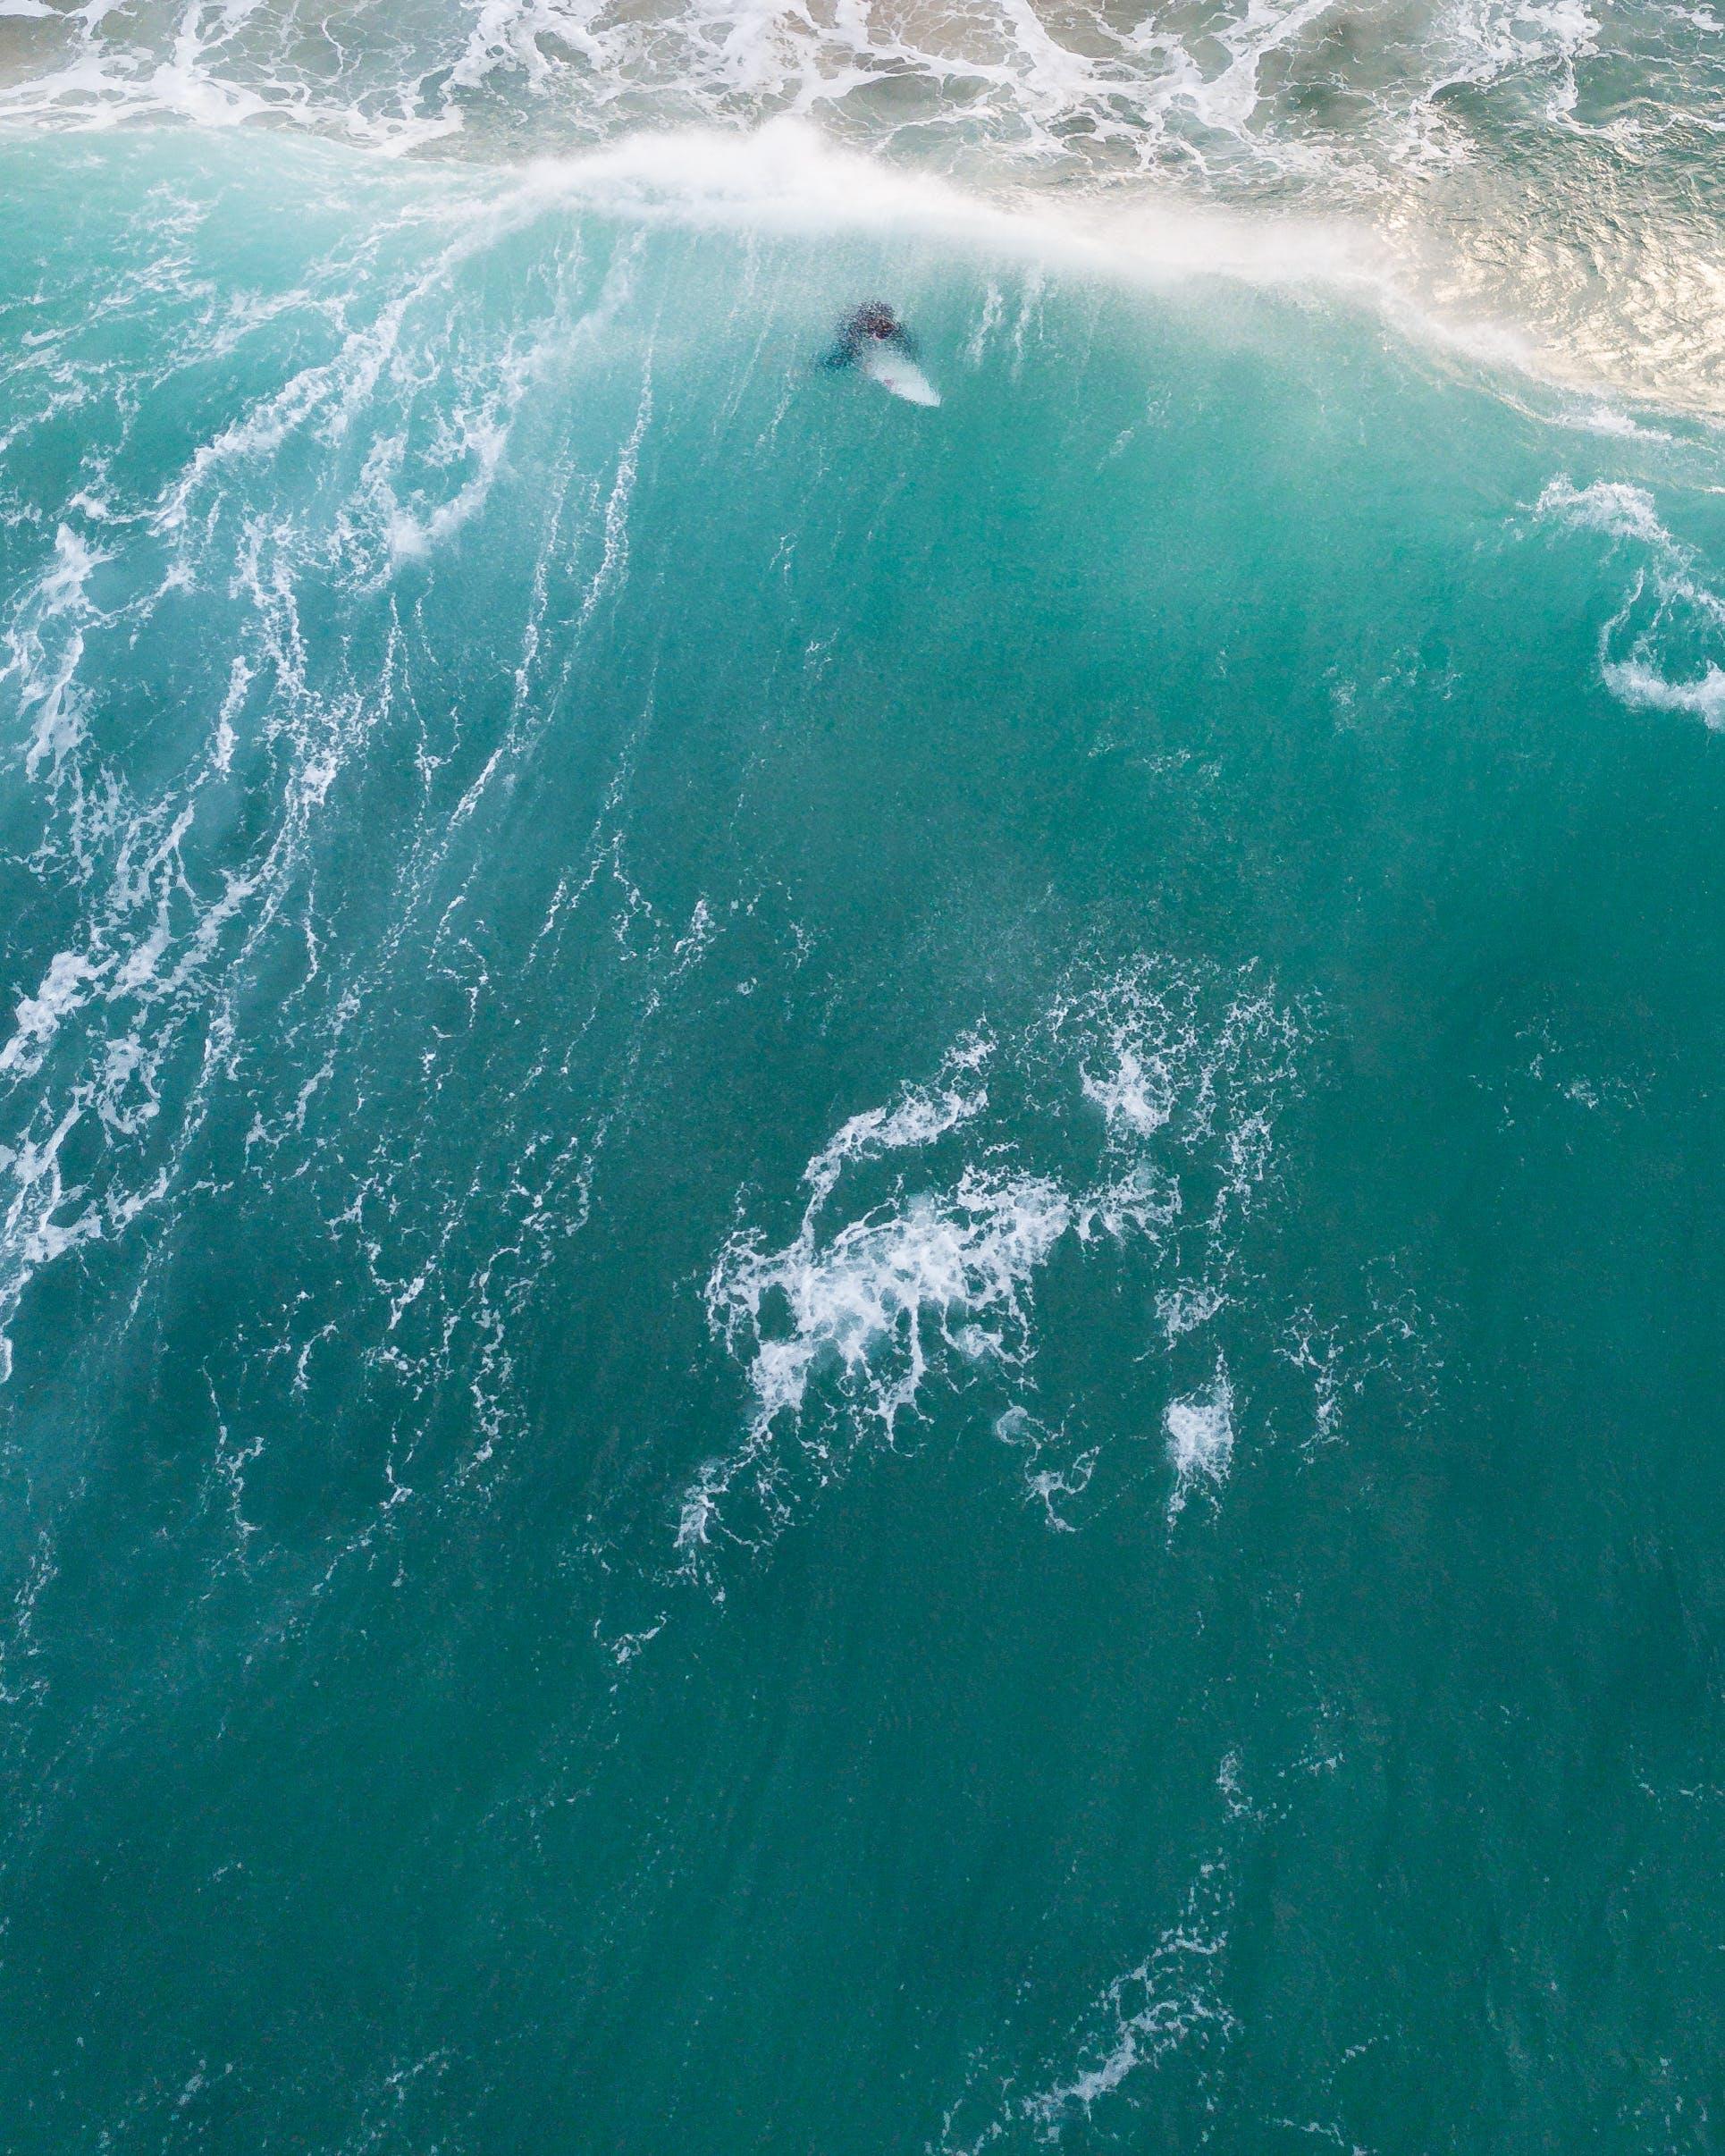 Bird's Eye View Of Ocean